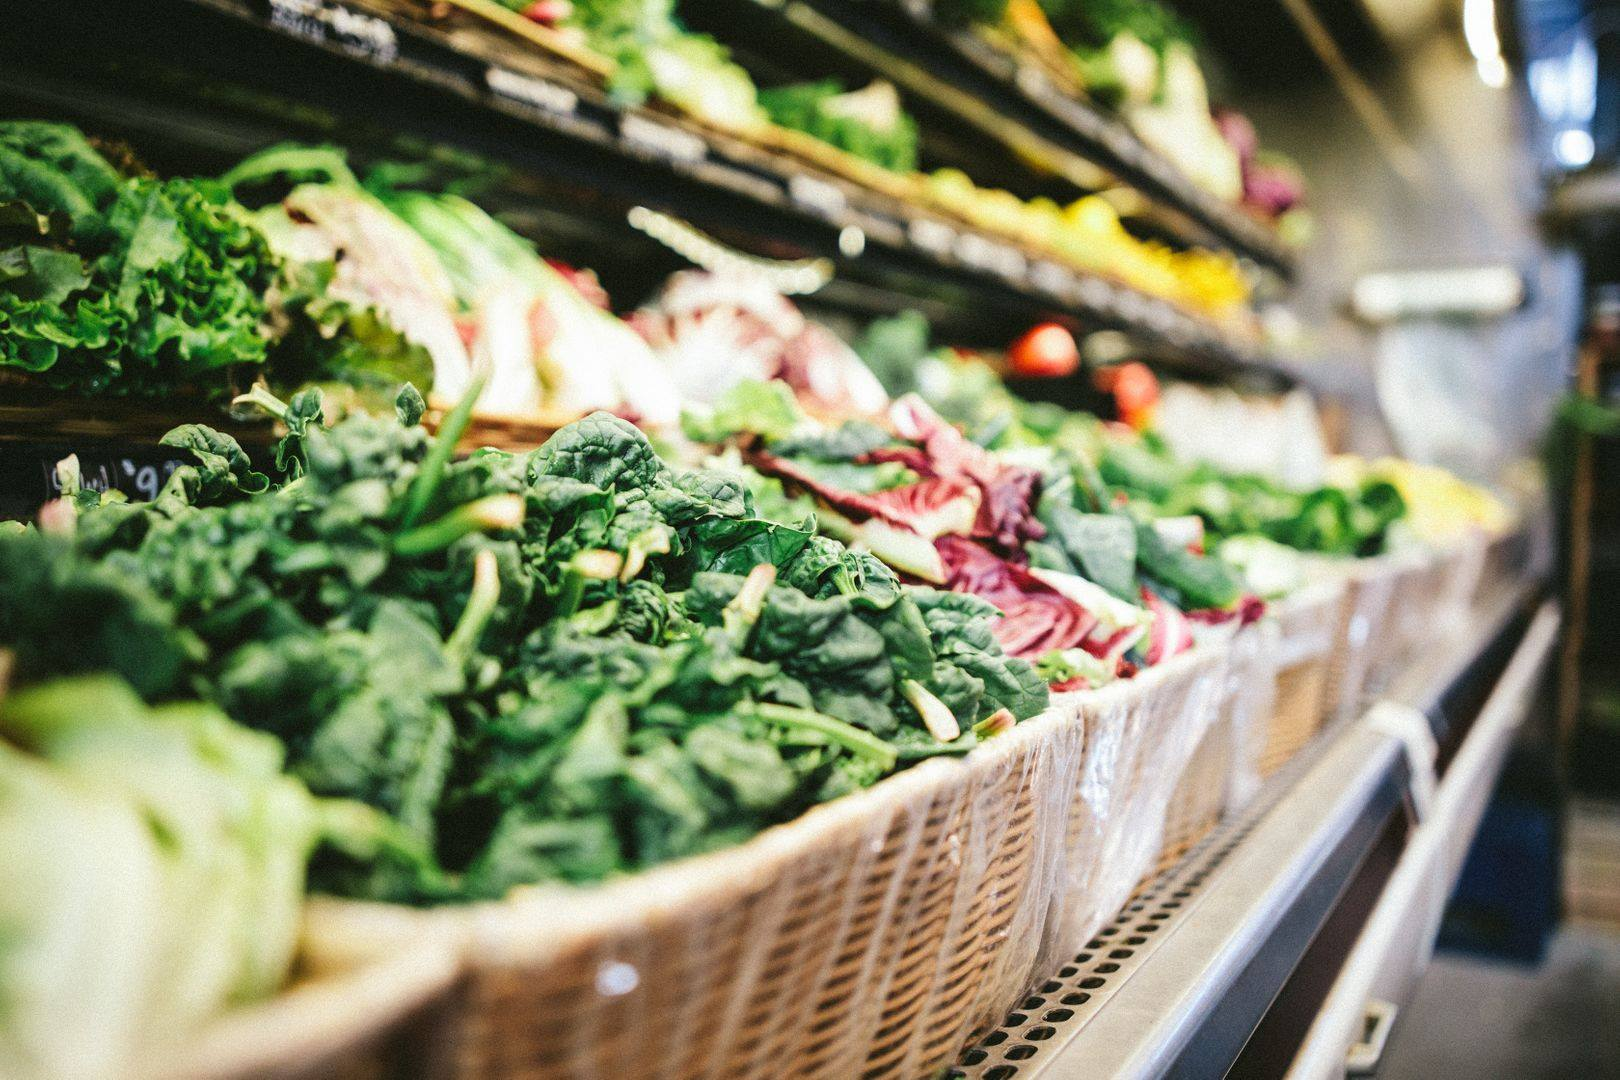 Des produits alimentaires dans le rayon d'un commerce